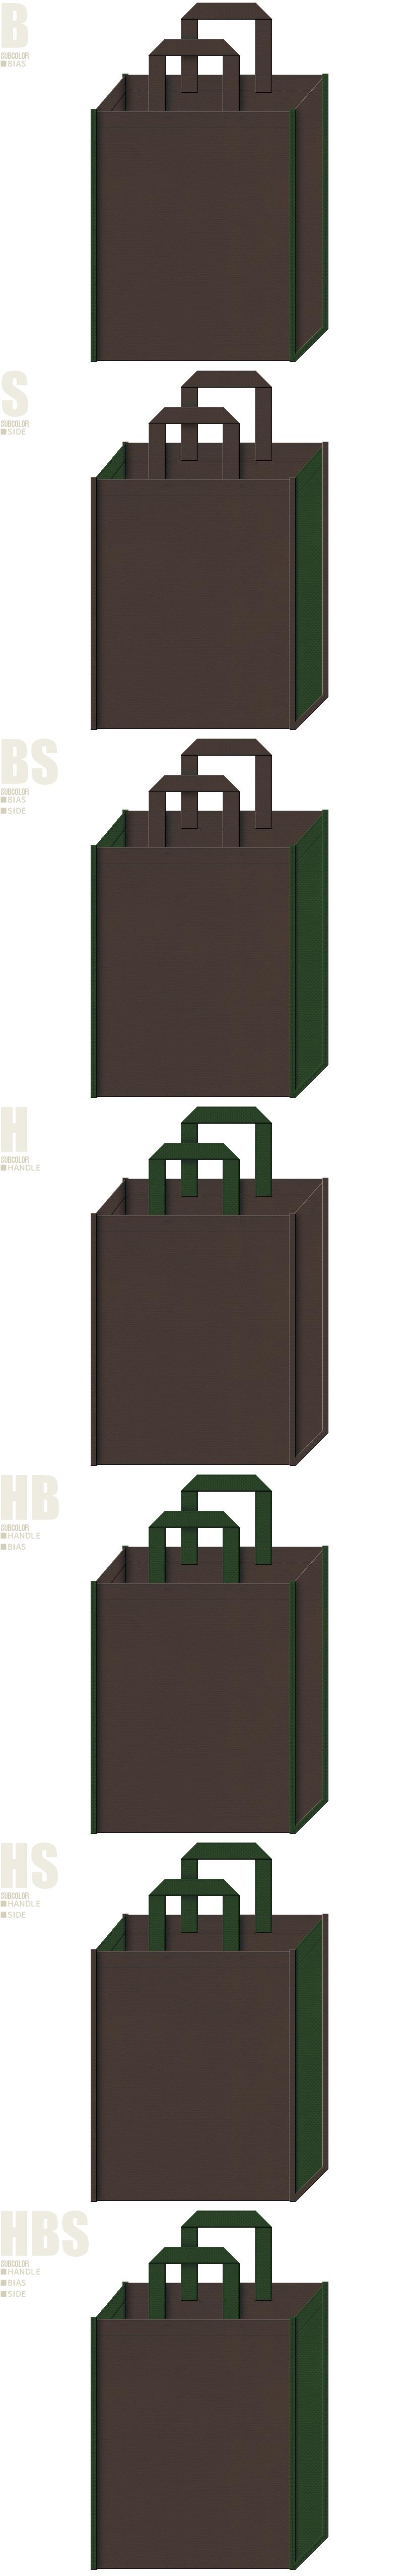 ジャングル・恐竜・ワイルド感・メンズファッションにお奨めの不織布バッグデザイン:こげ茶色と濃緑色の不織布バッグ配色7パターン。